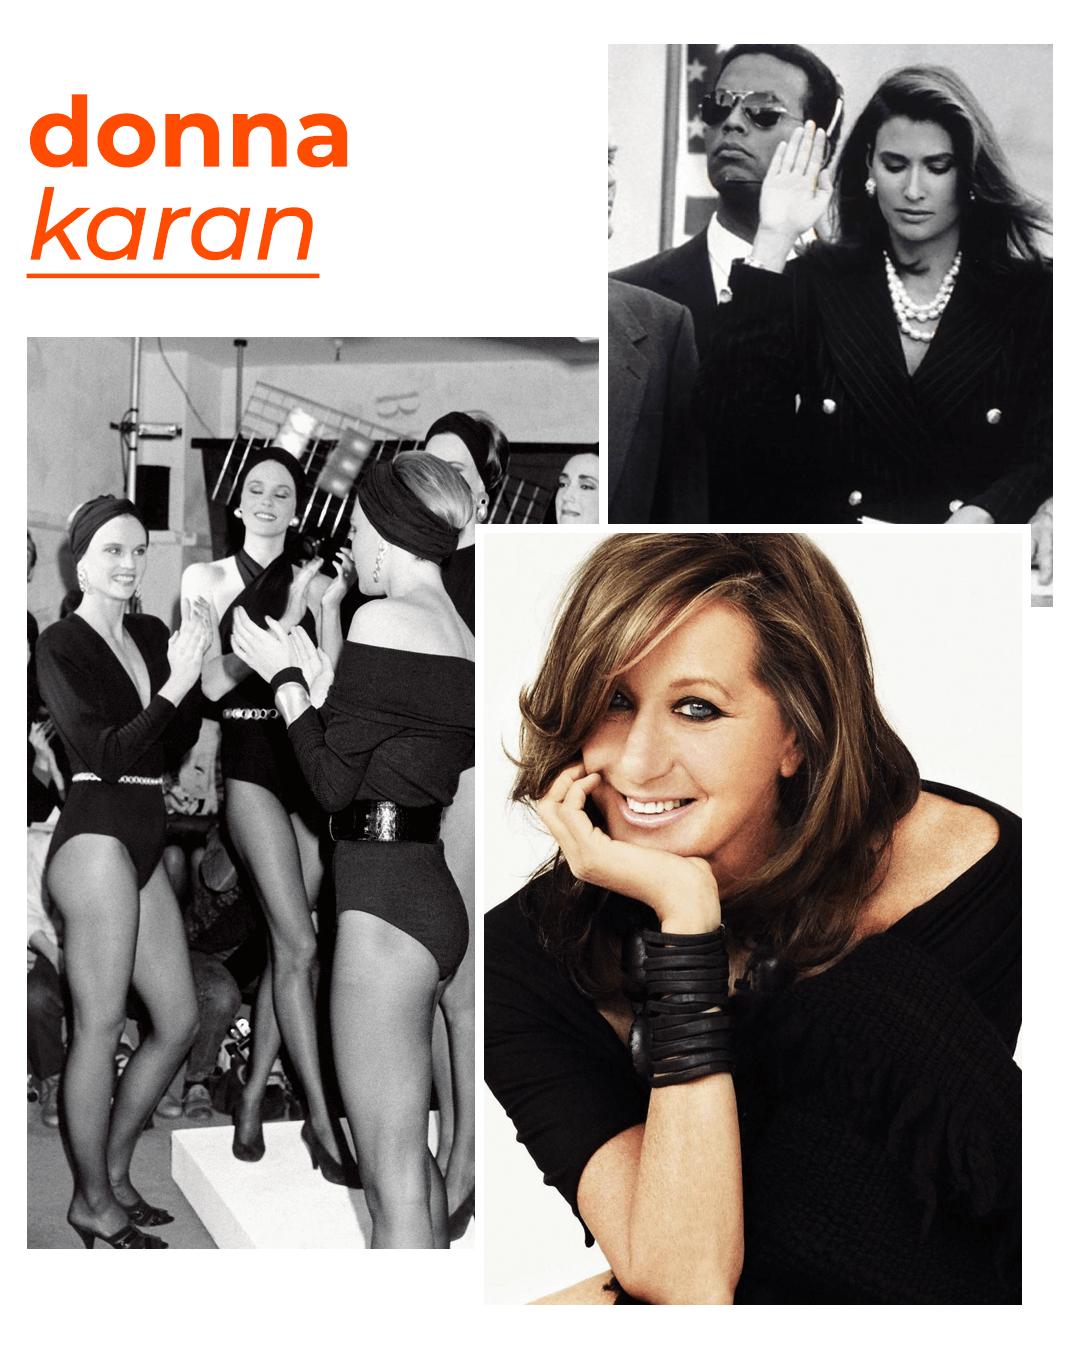 Donna Karan  - mulheres que revolucionaram a moda - dia internacional da mulher - outono - street style - https://stealthelook.com.br